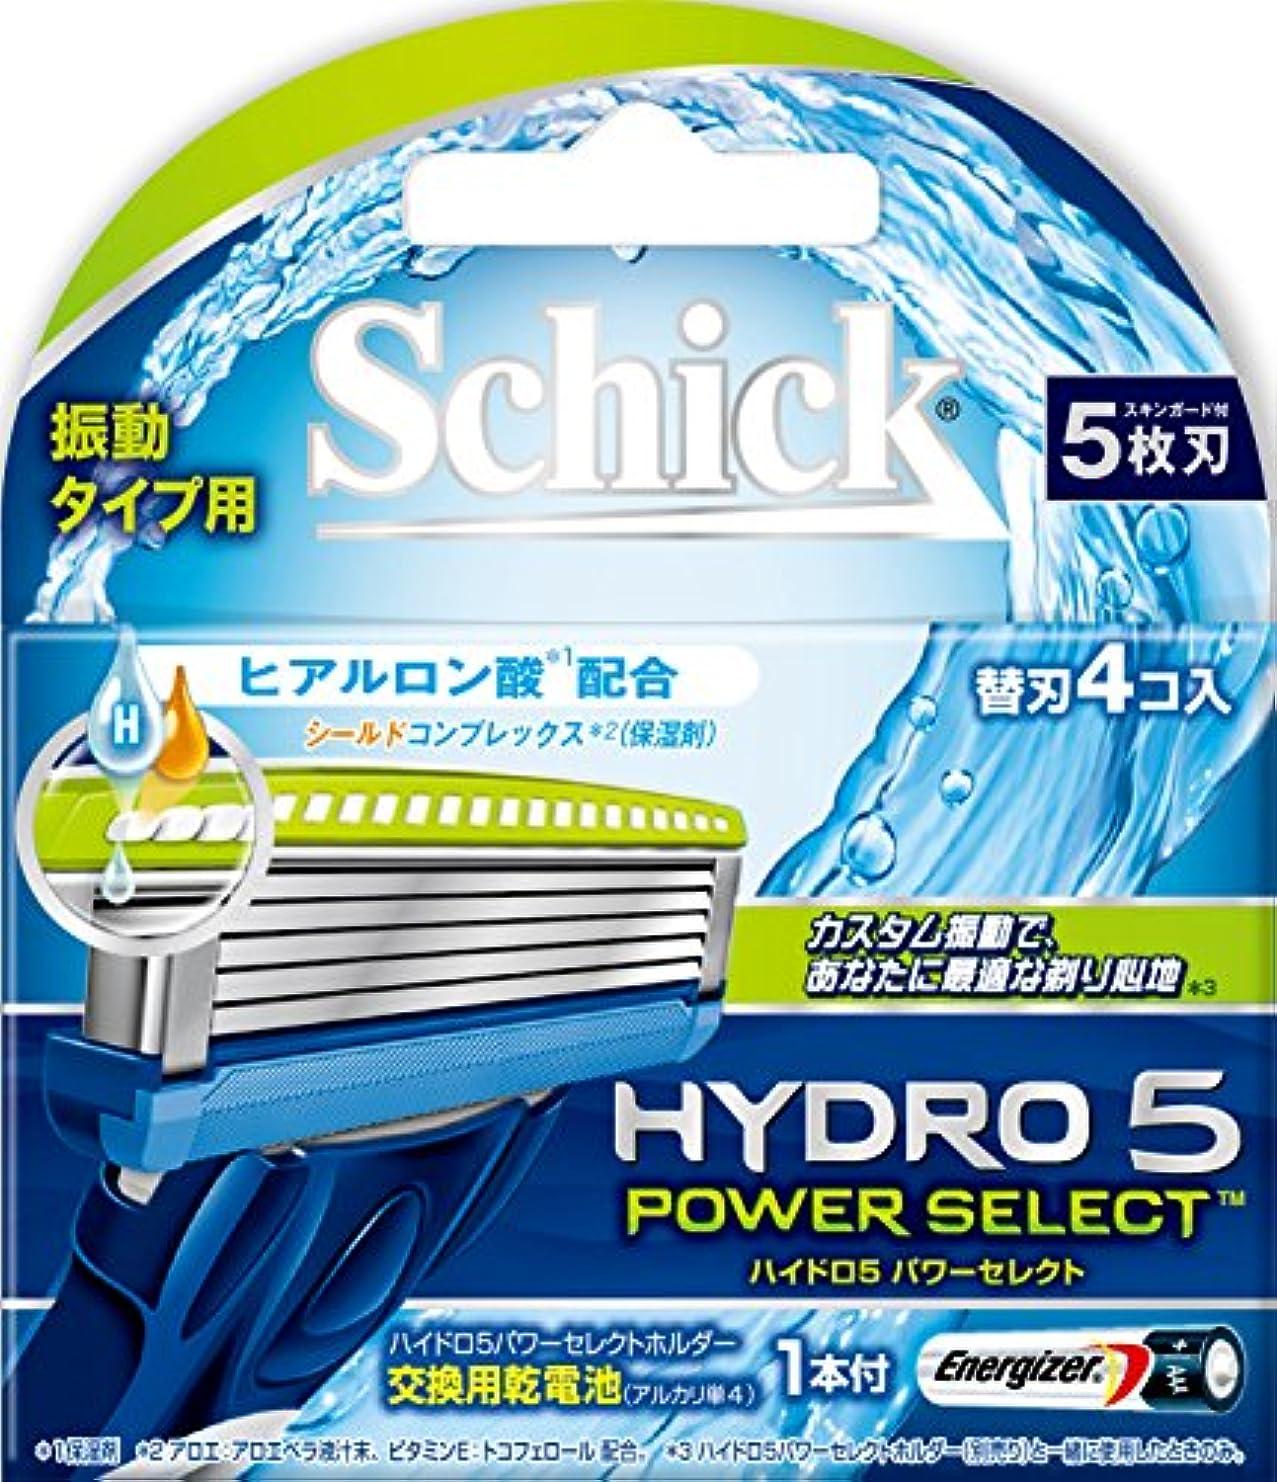 時刻表気がついて劇的シック Schick 5枚刃 ハイドロ5 パワーセレクト替刃 4コ入